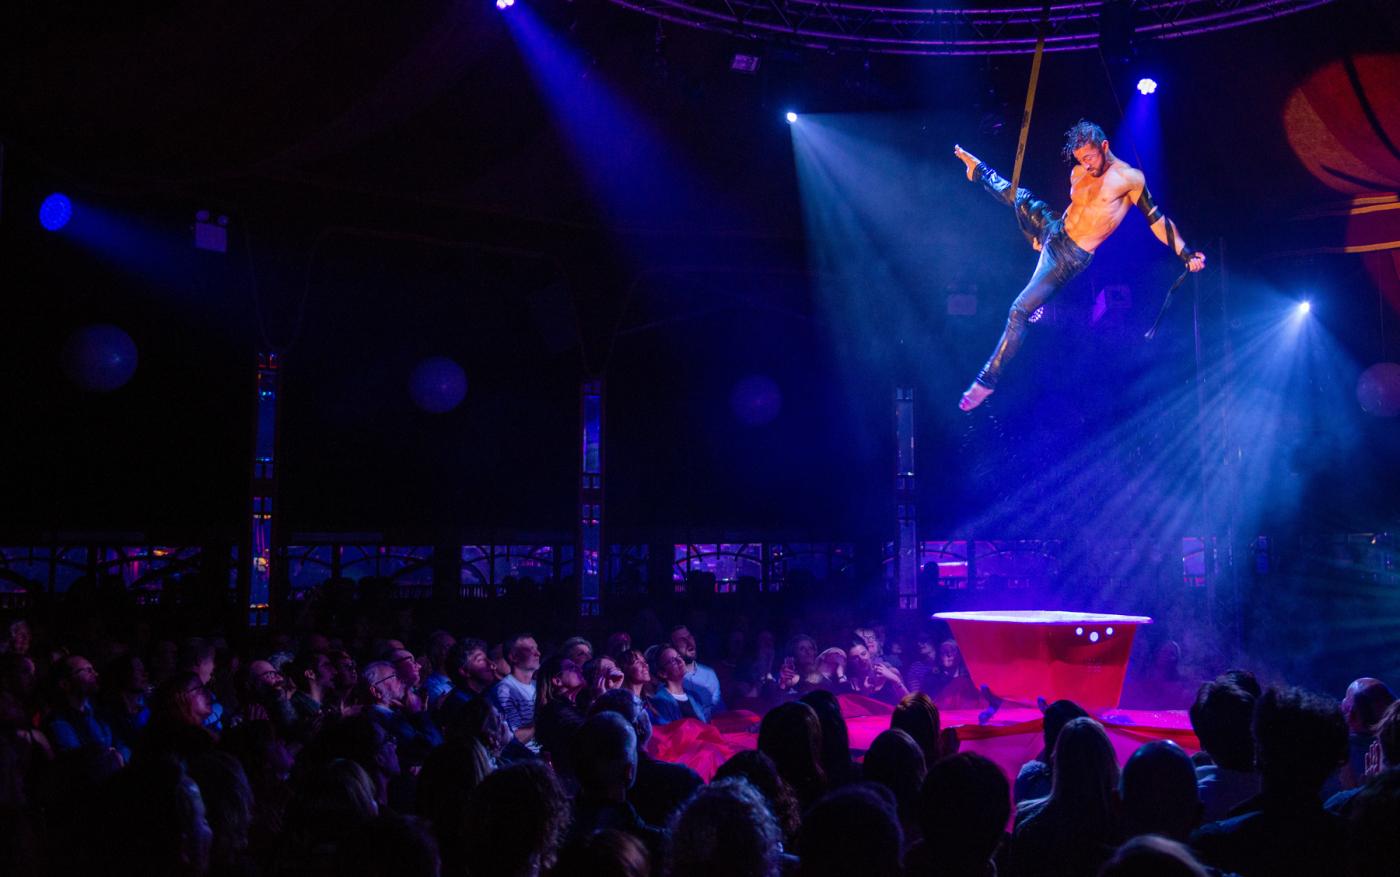 Cabaret Show La Clique to Debut at Sands Theatre at Marina Bay Sands | SENATUS